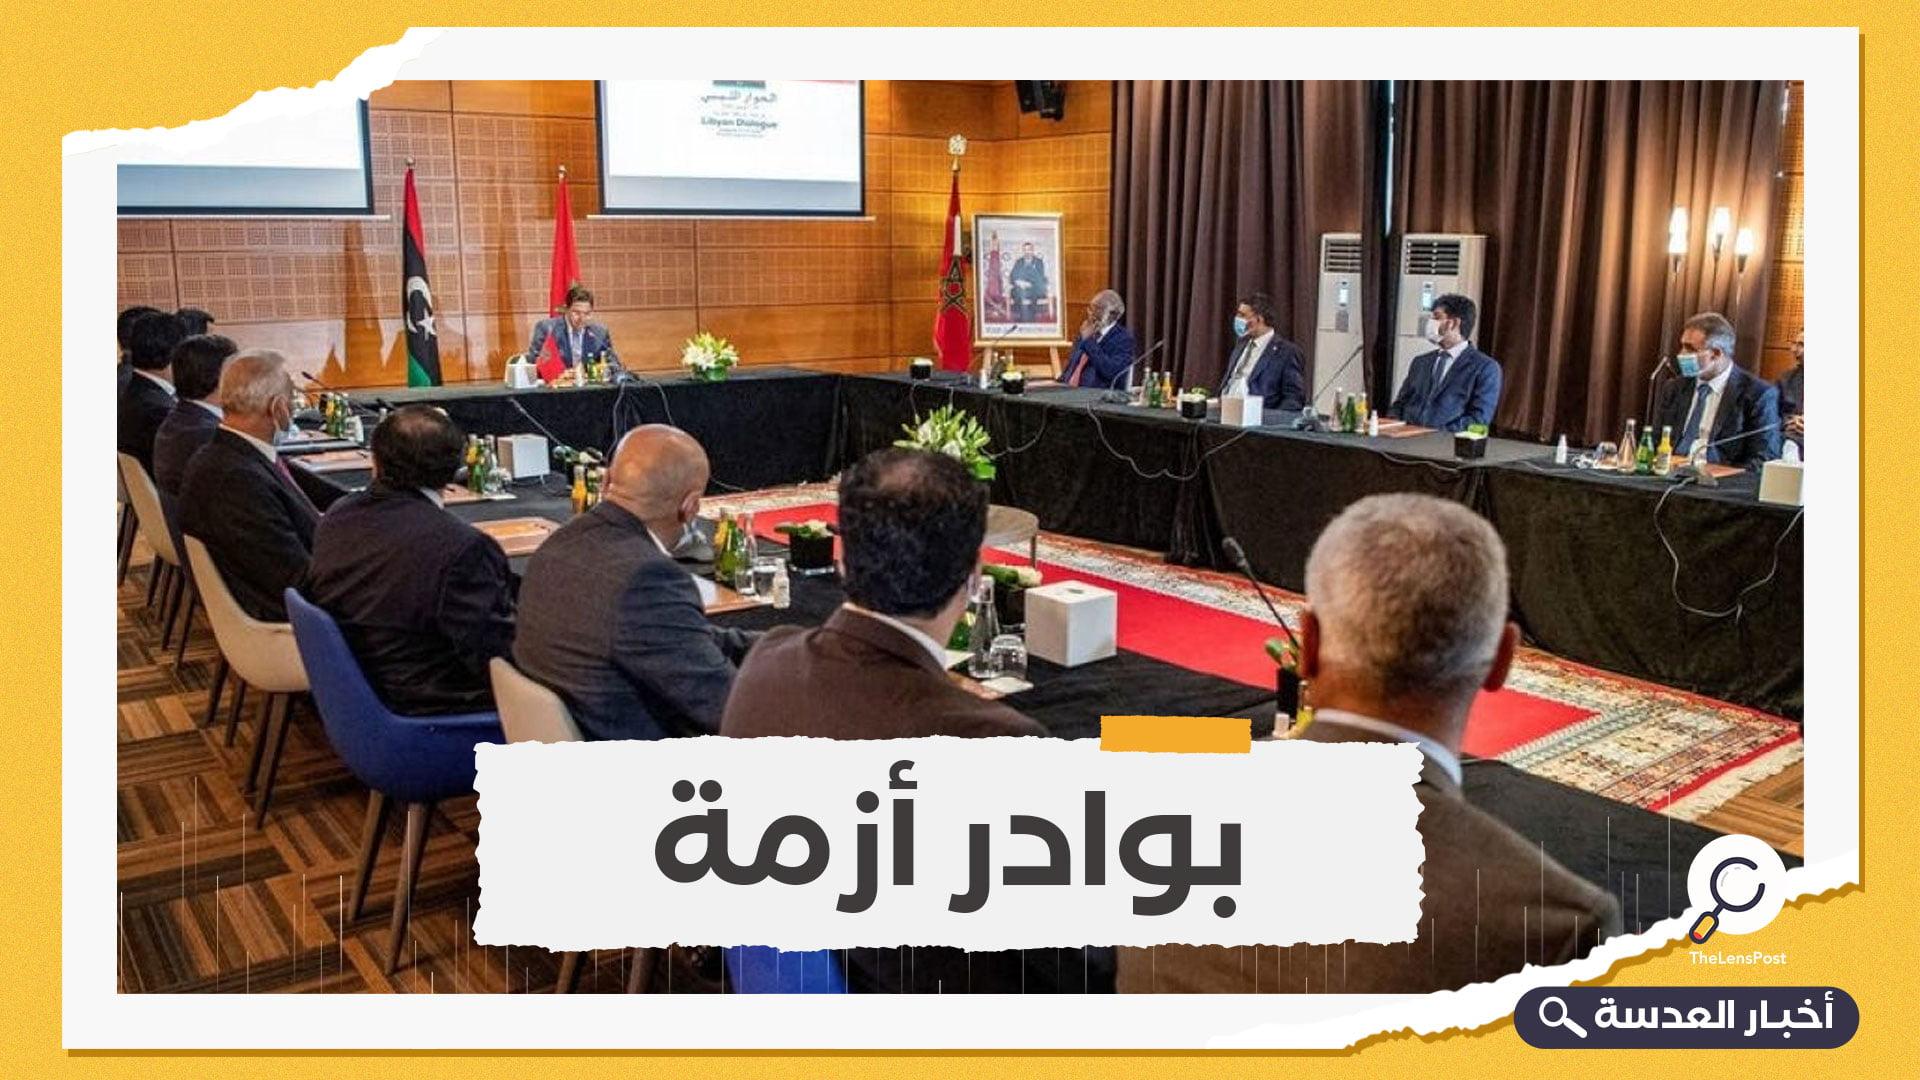 21 نائباً ليبياً يرفضون مخرجات حوار بوزنيقة